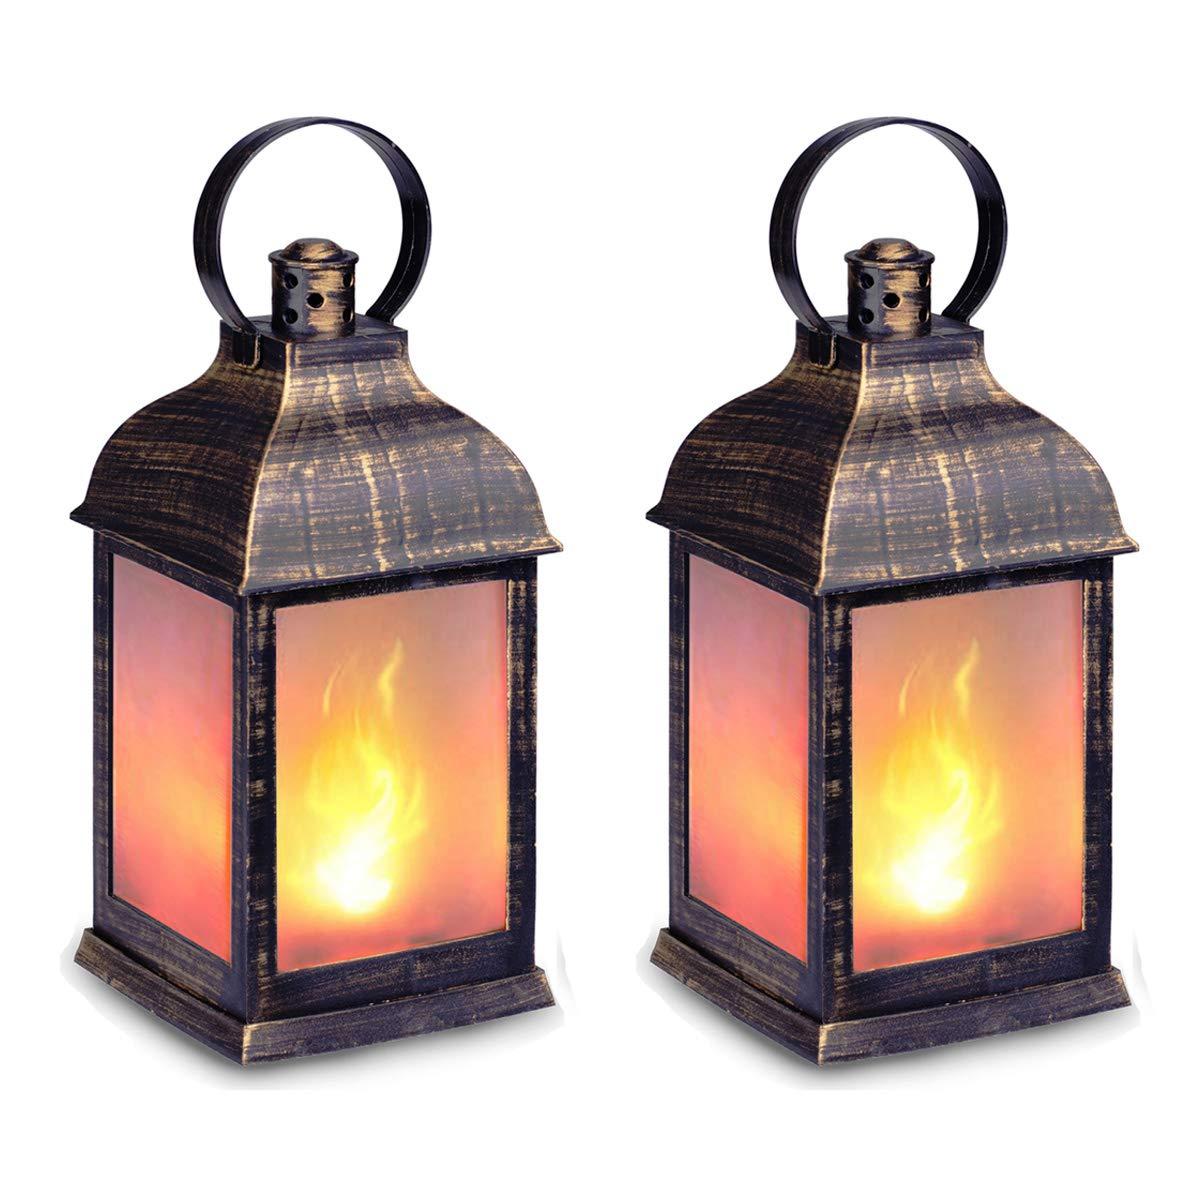 zkee 11'' Vintage Style Decorative Lantern,Flame Effect LED Lantern,(Golden Brushed Black,4 Hours Timer) Indoor Lanterns Decorative,Outdoor Hanging Lantern,Decorative Lanterns by zkee